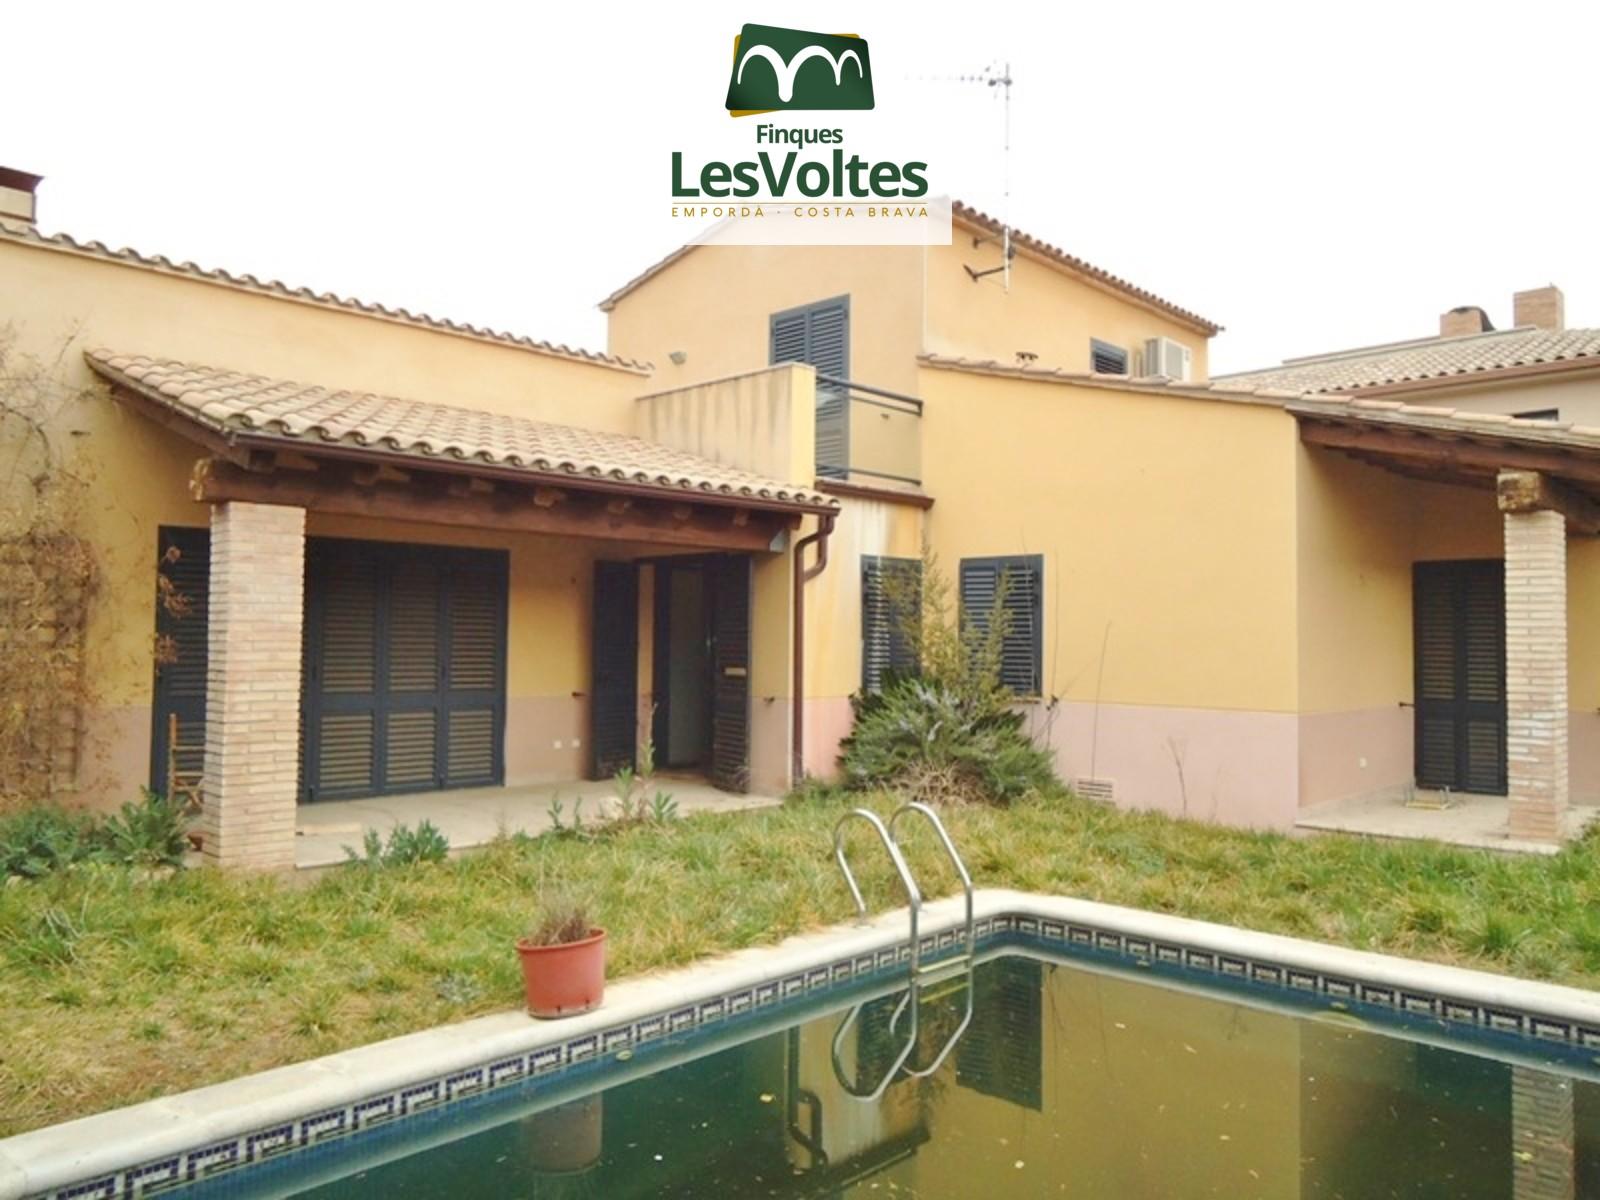 Casa unifamiliar amb jardí i piscina en venda a Parlavà.